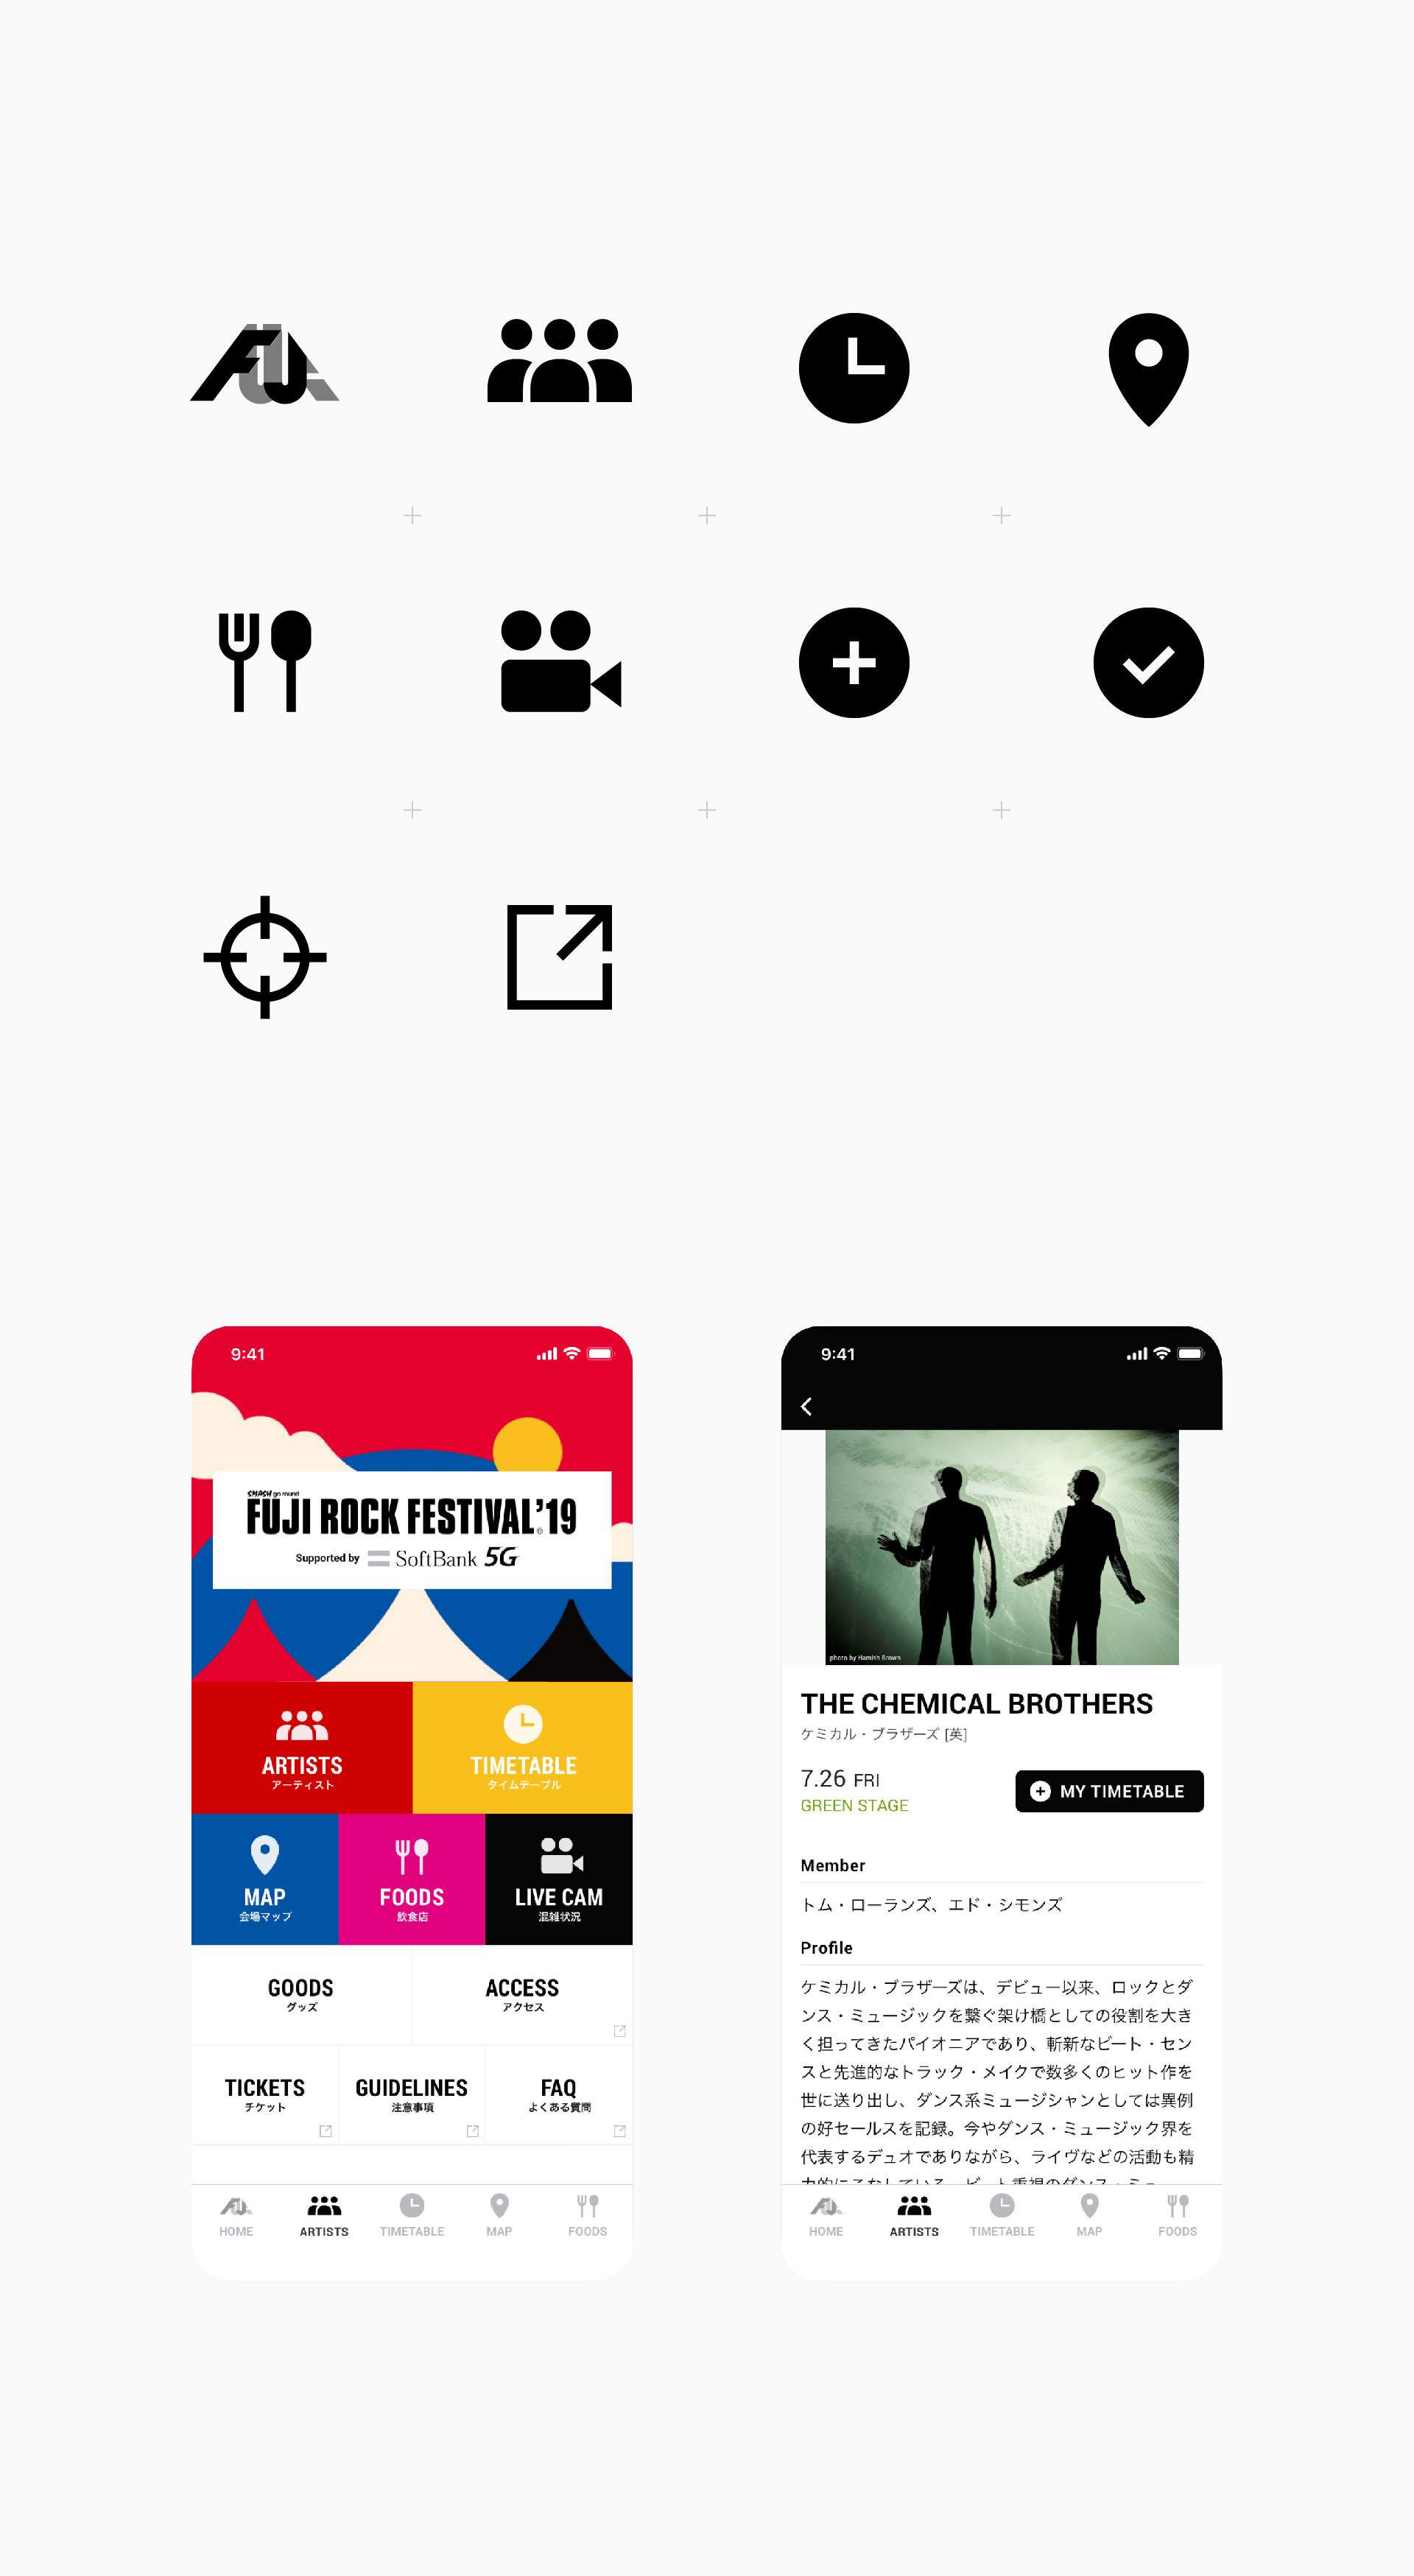 FUJI ROCK `19 by SoftBank 5G